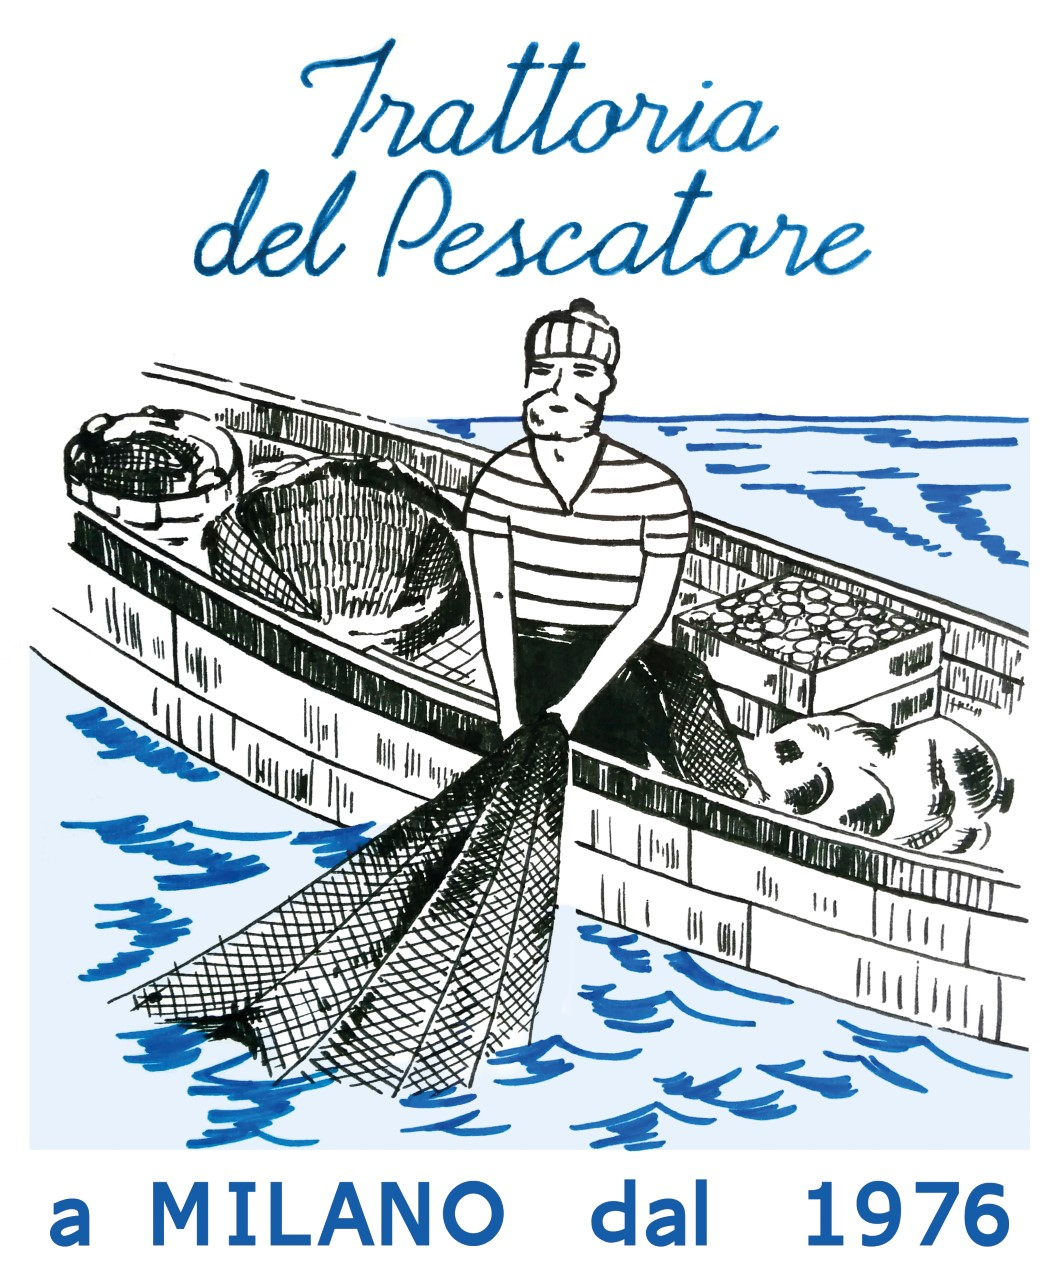 Trattoria del Pescatore - RegisteredTrademark.jpg